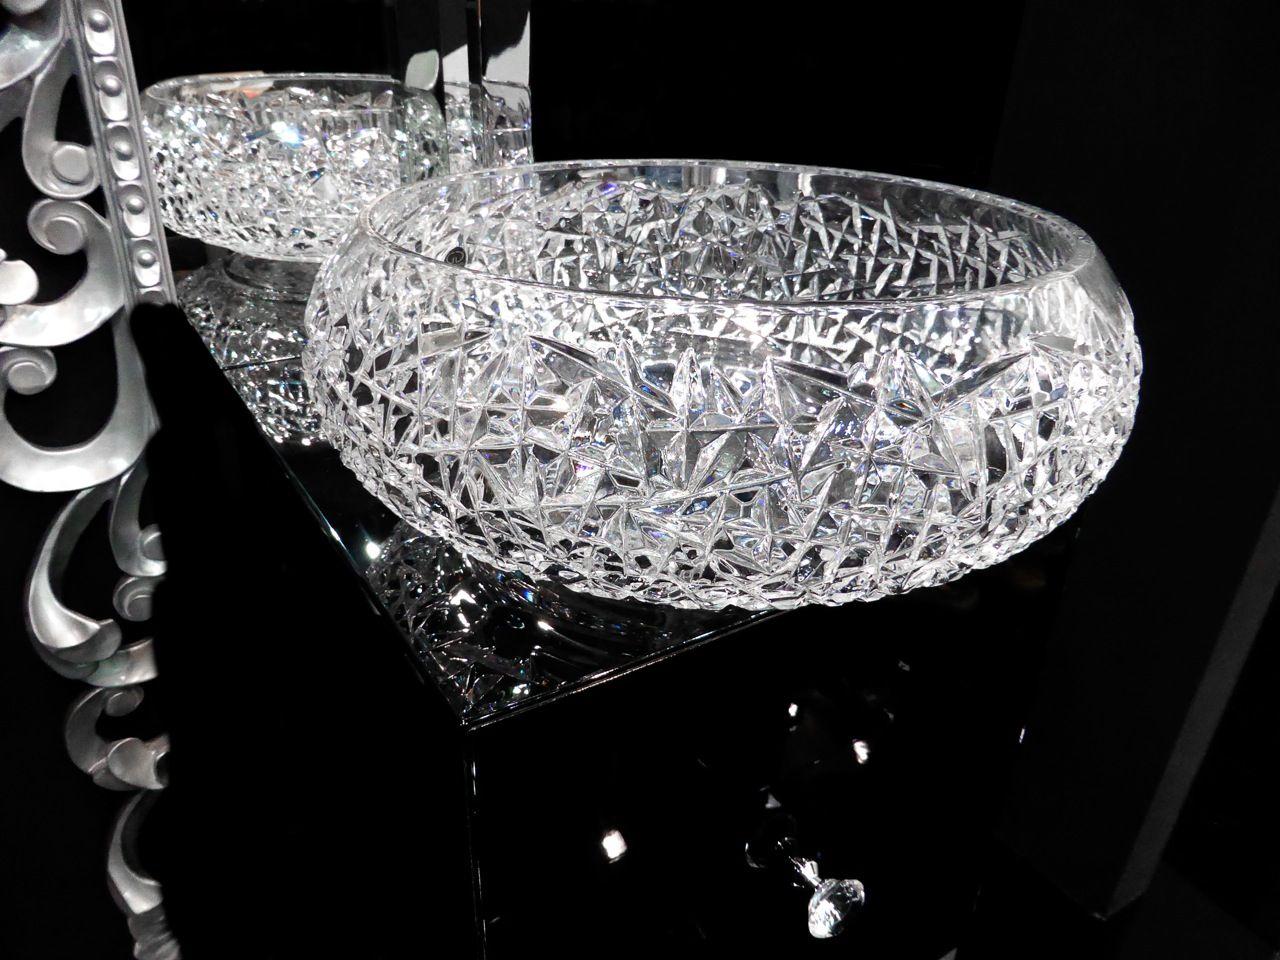 موارد استفاده از شیشه - استوارسازان